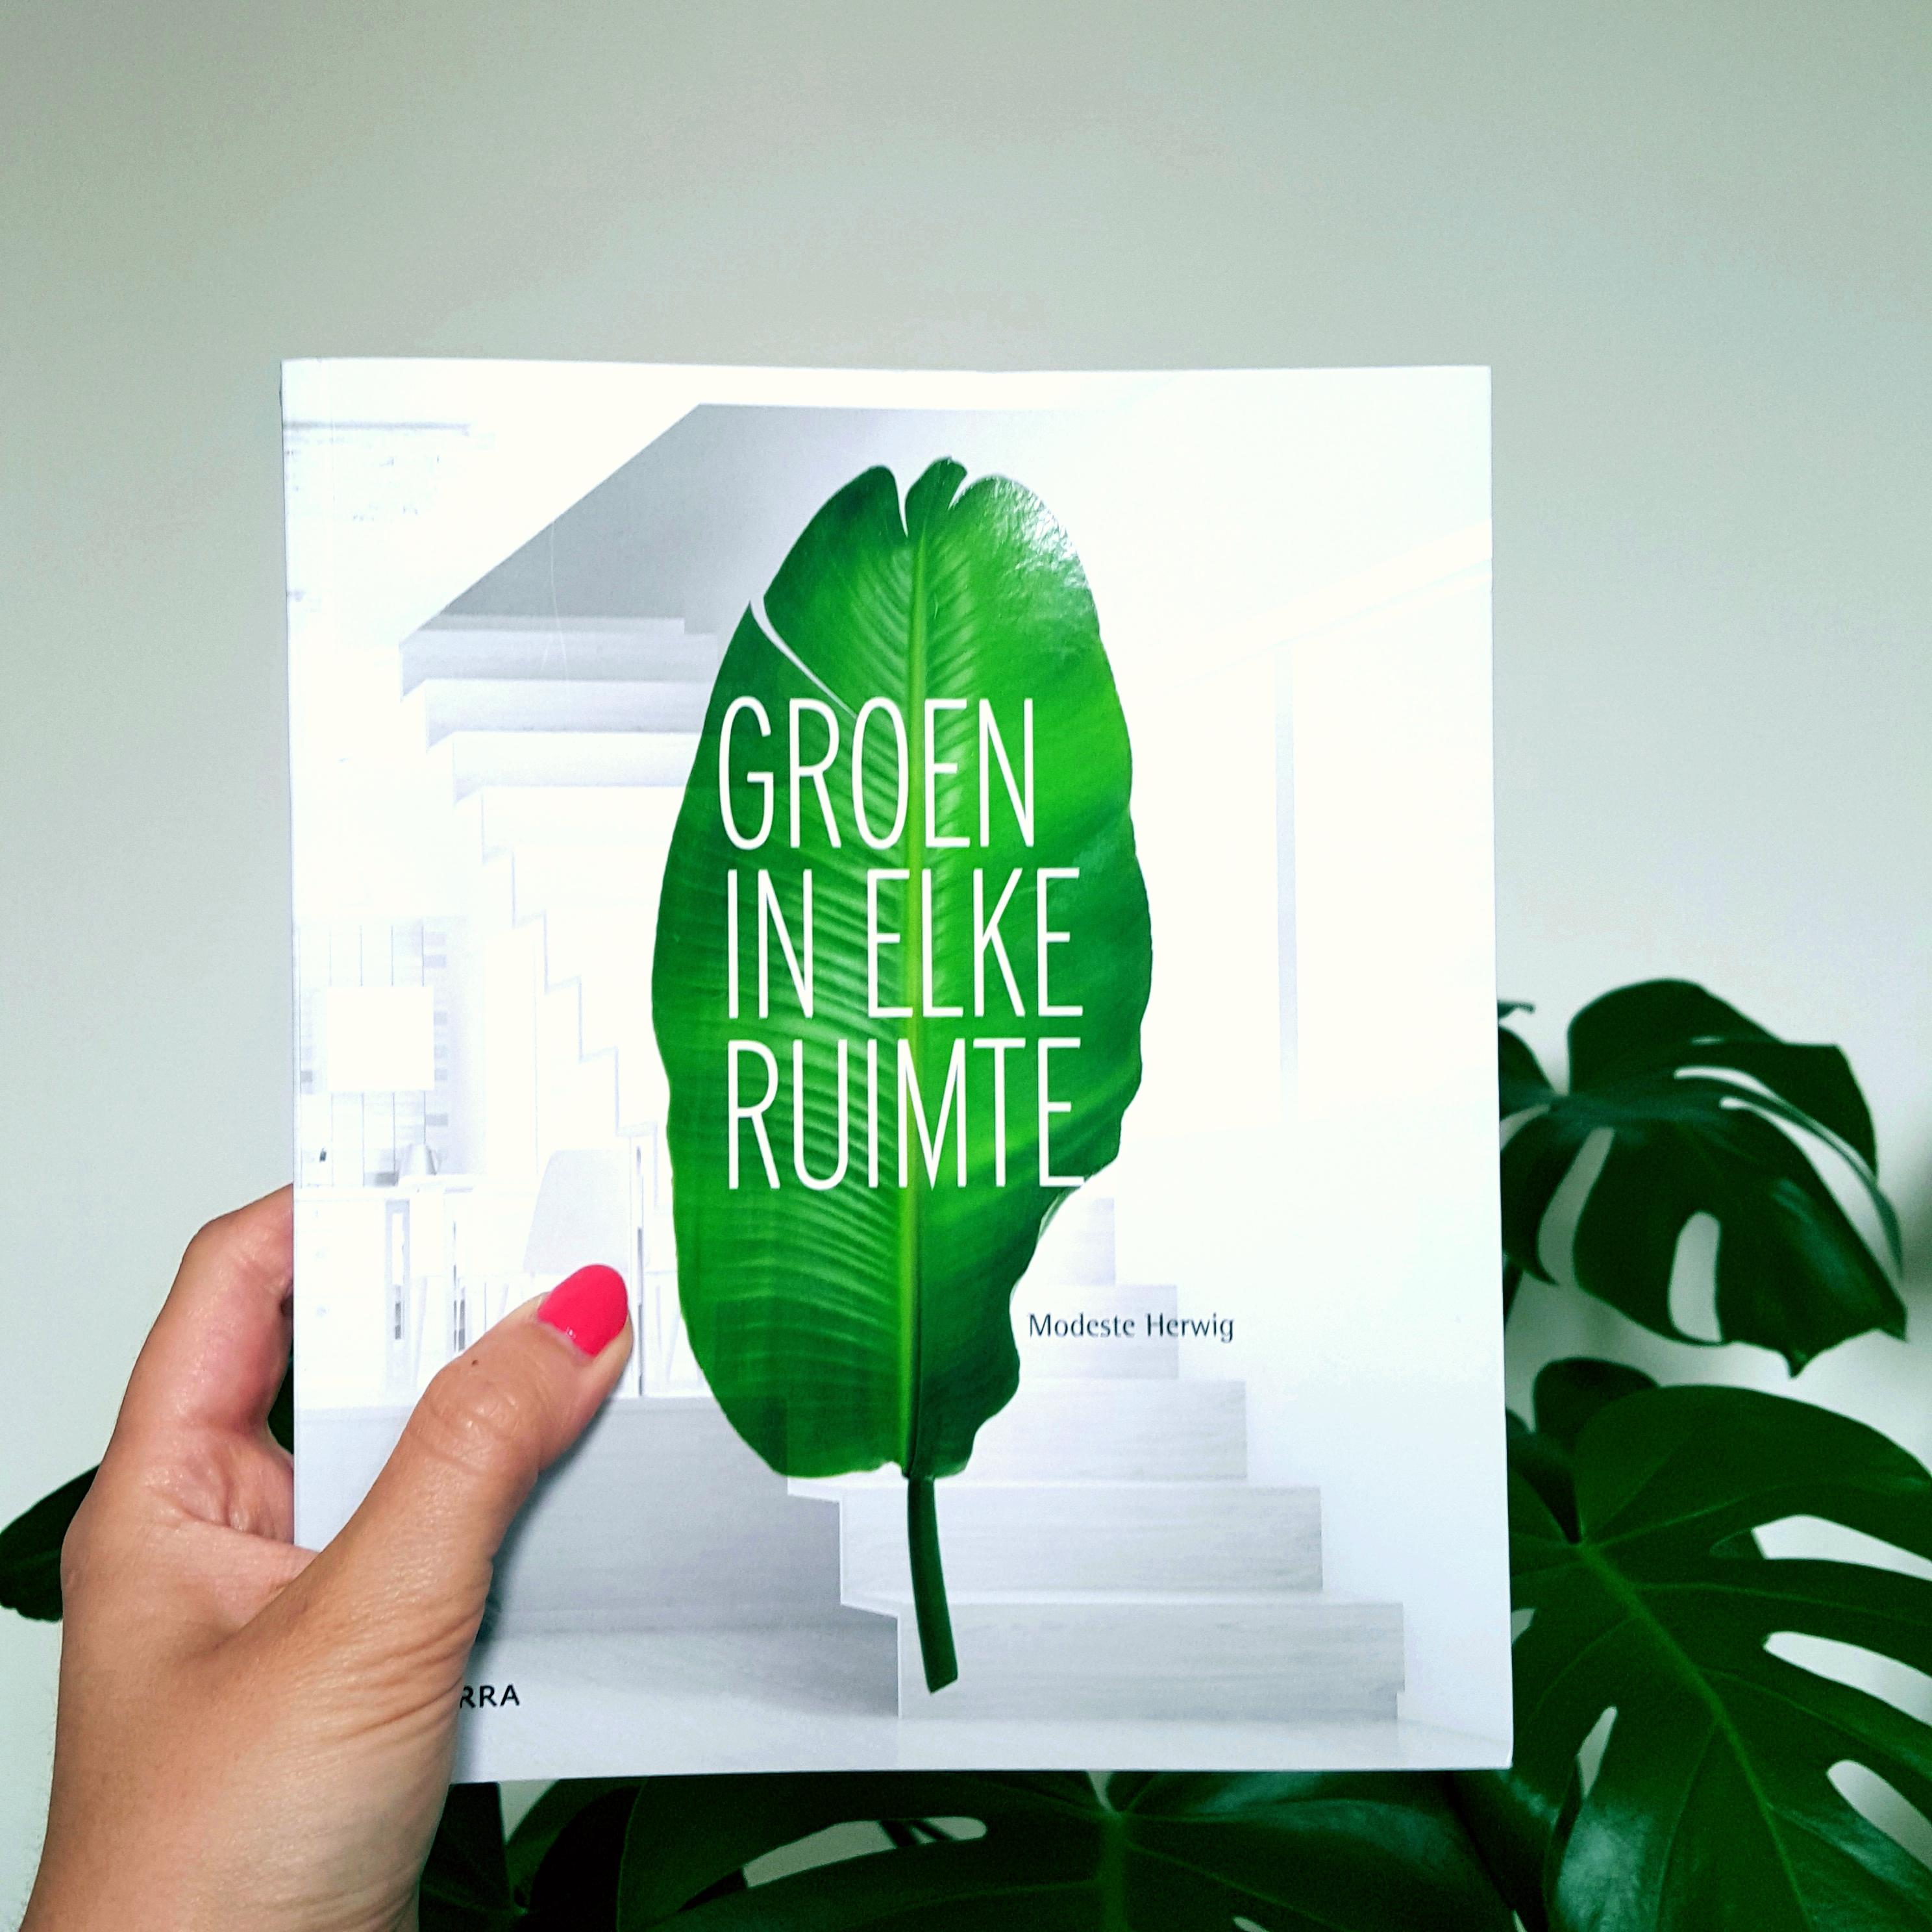 Groen in elke ruimte door Modeste Herwig